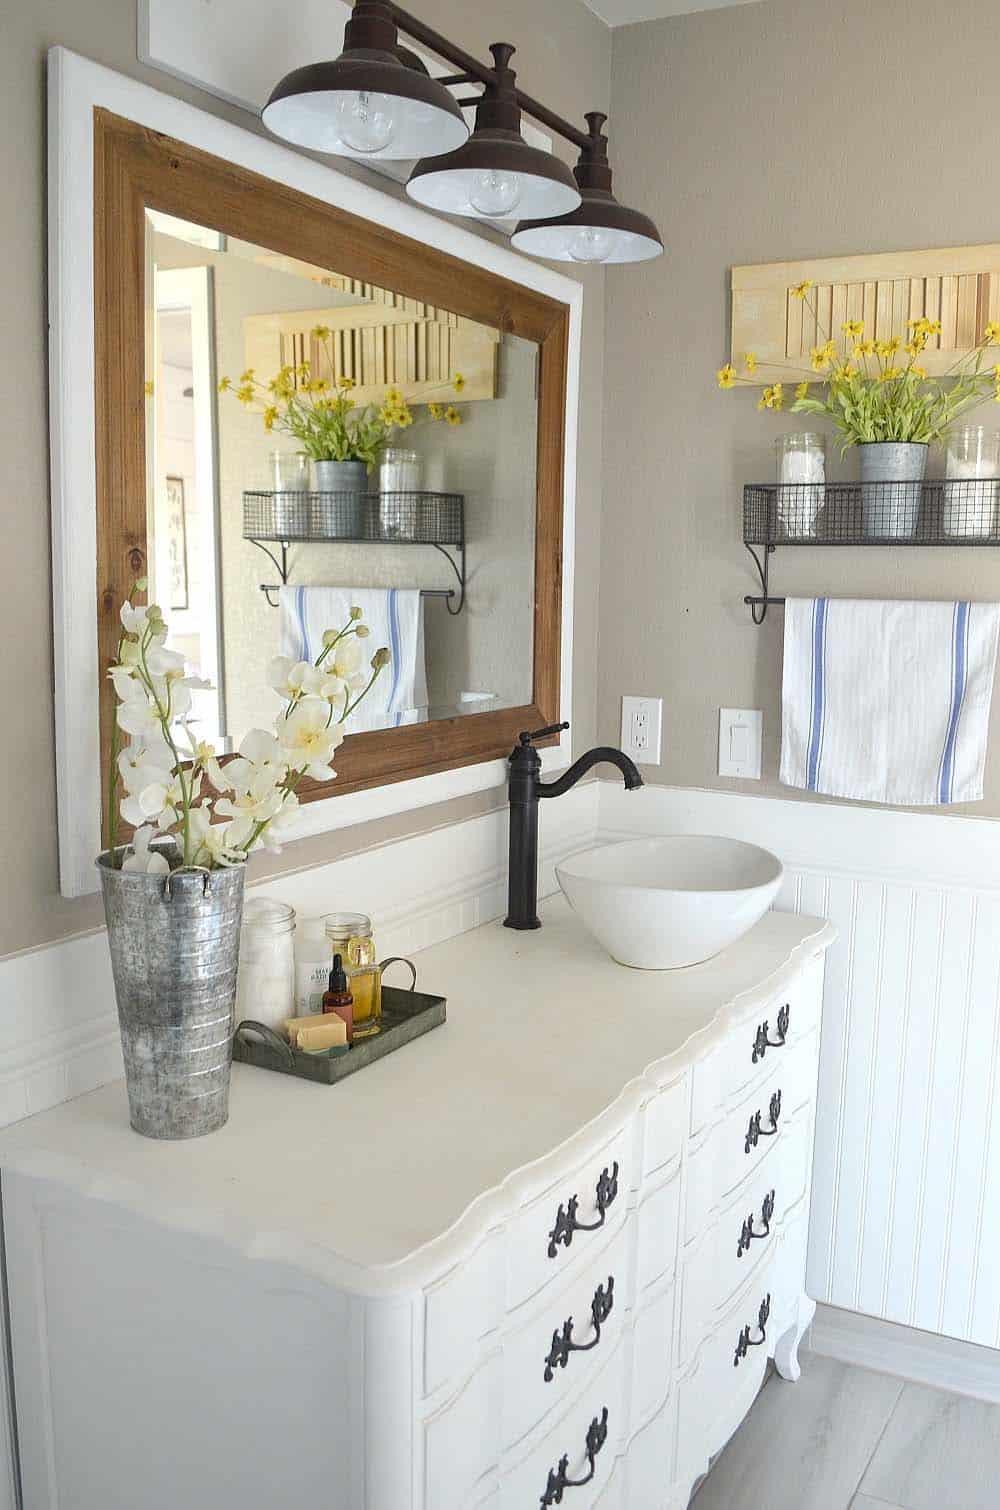 21 Gorgeous farmhouse style bathrooms you will love on Farmhouse Shower Ideas  id=32187